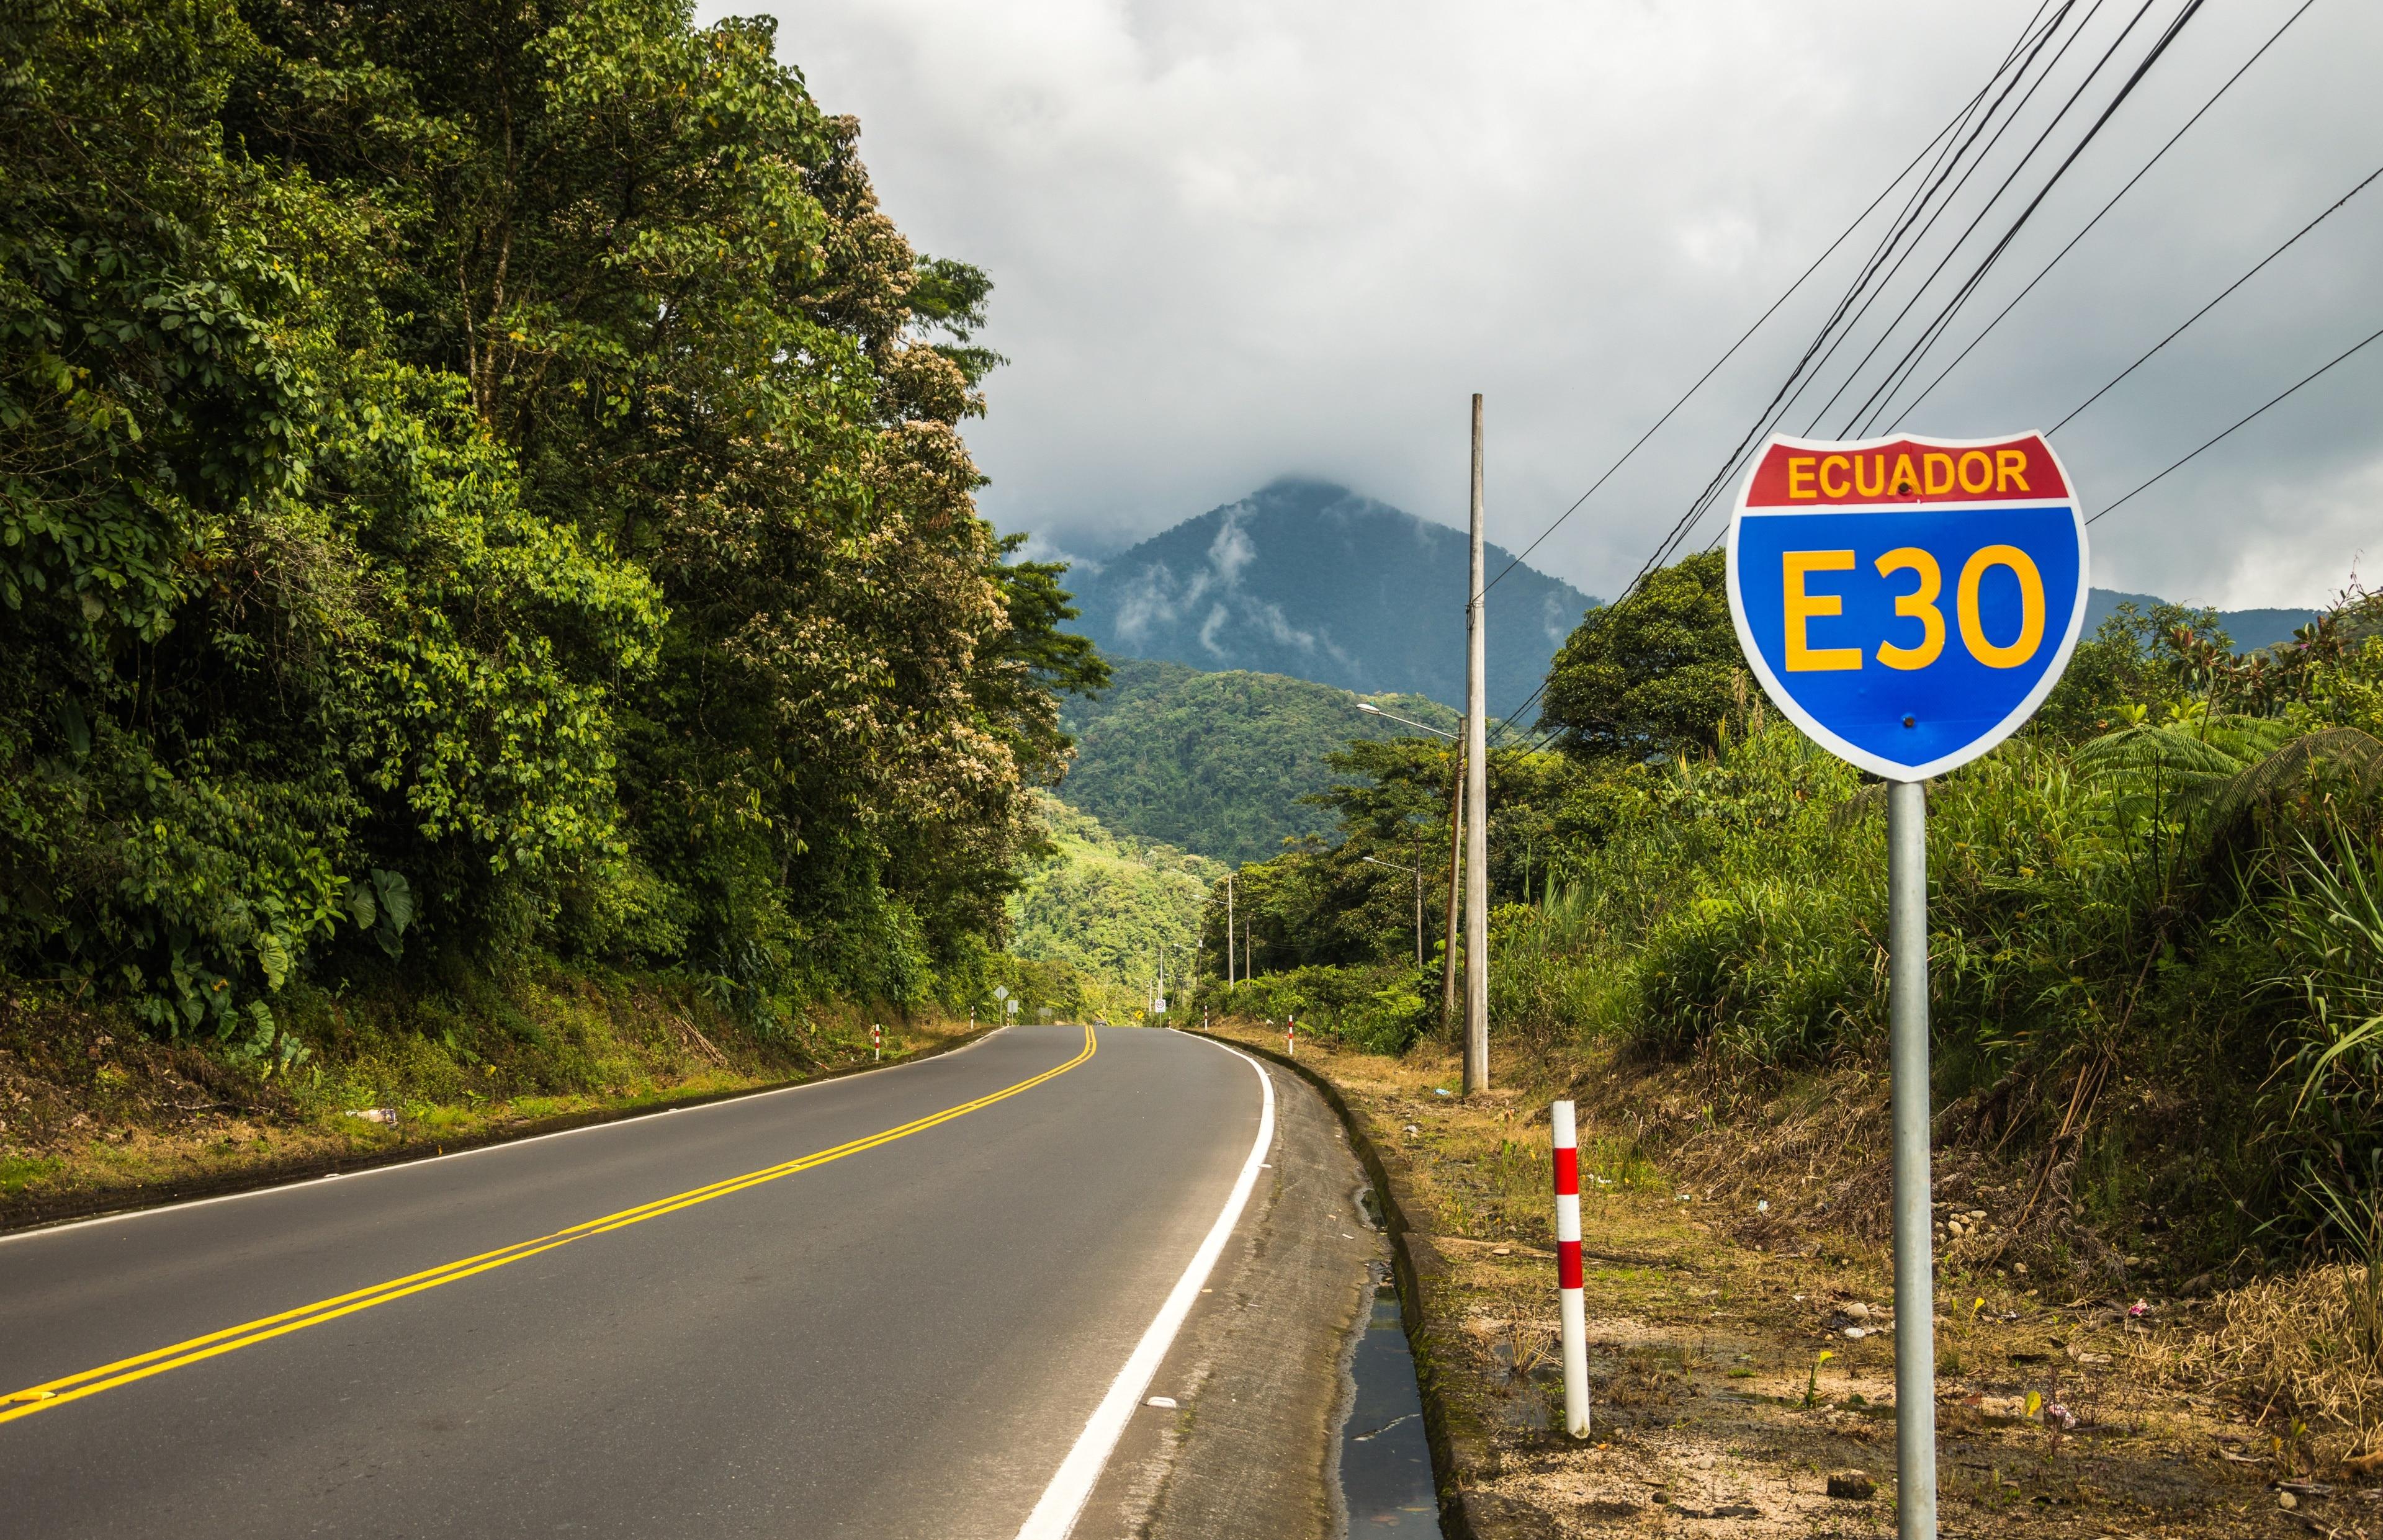 Minas, Cuenca, Azuay, Ecuador